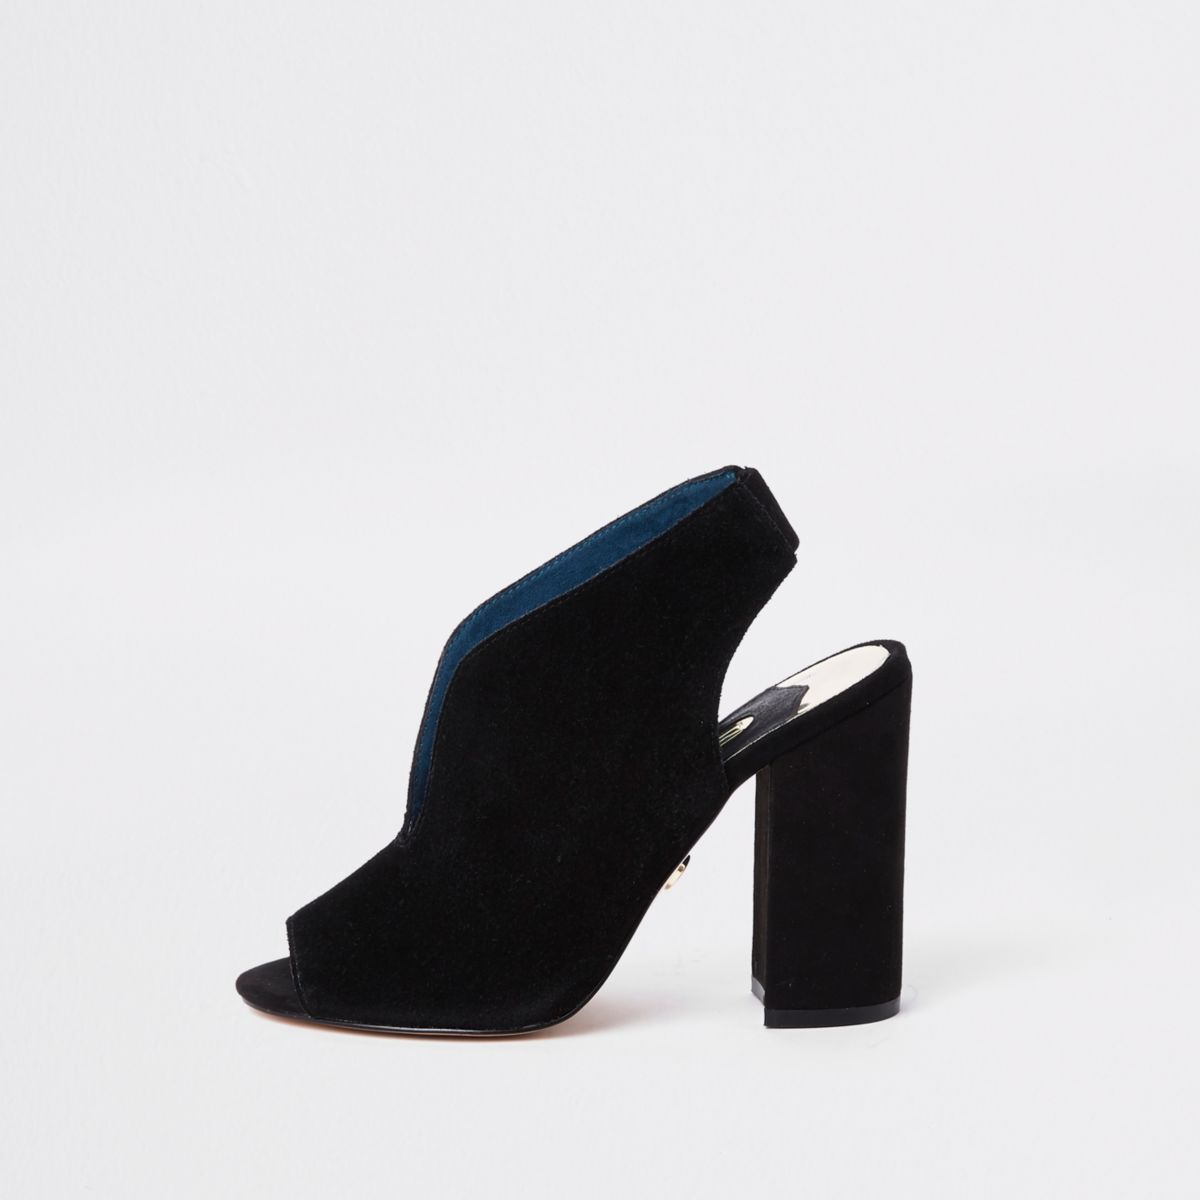 Black suede curve vamp block heel shoe boots